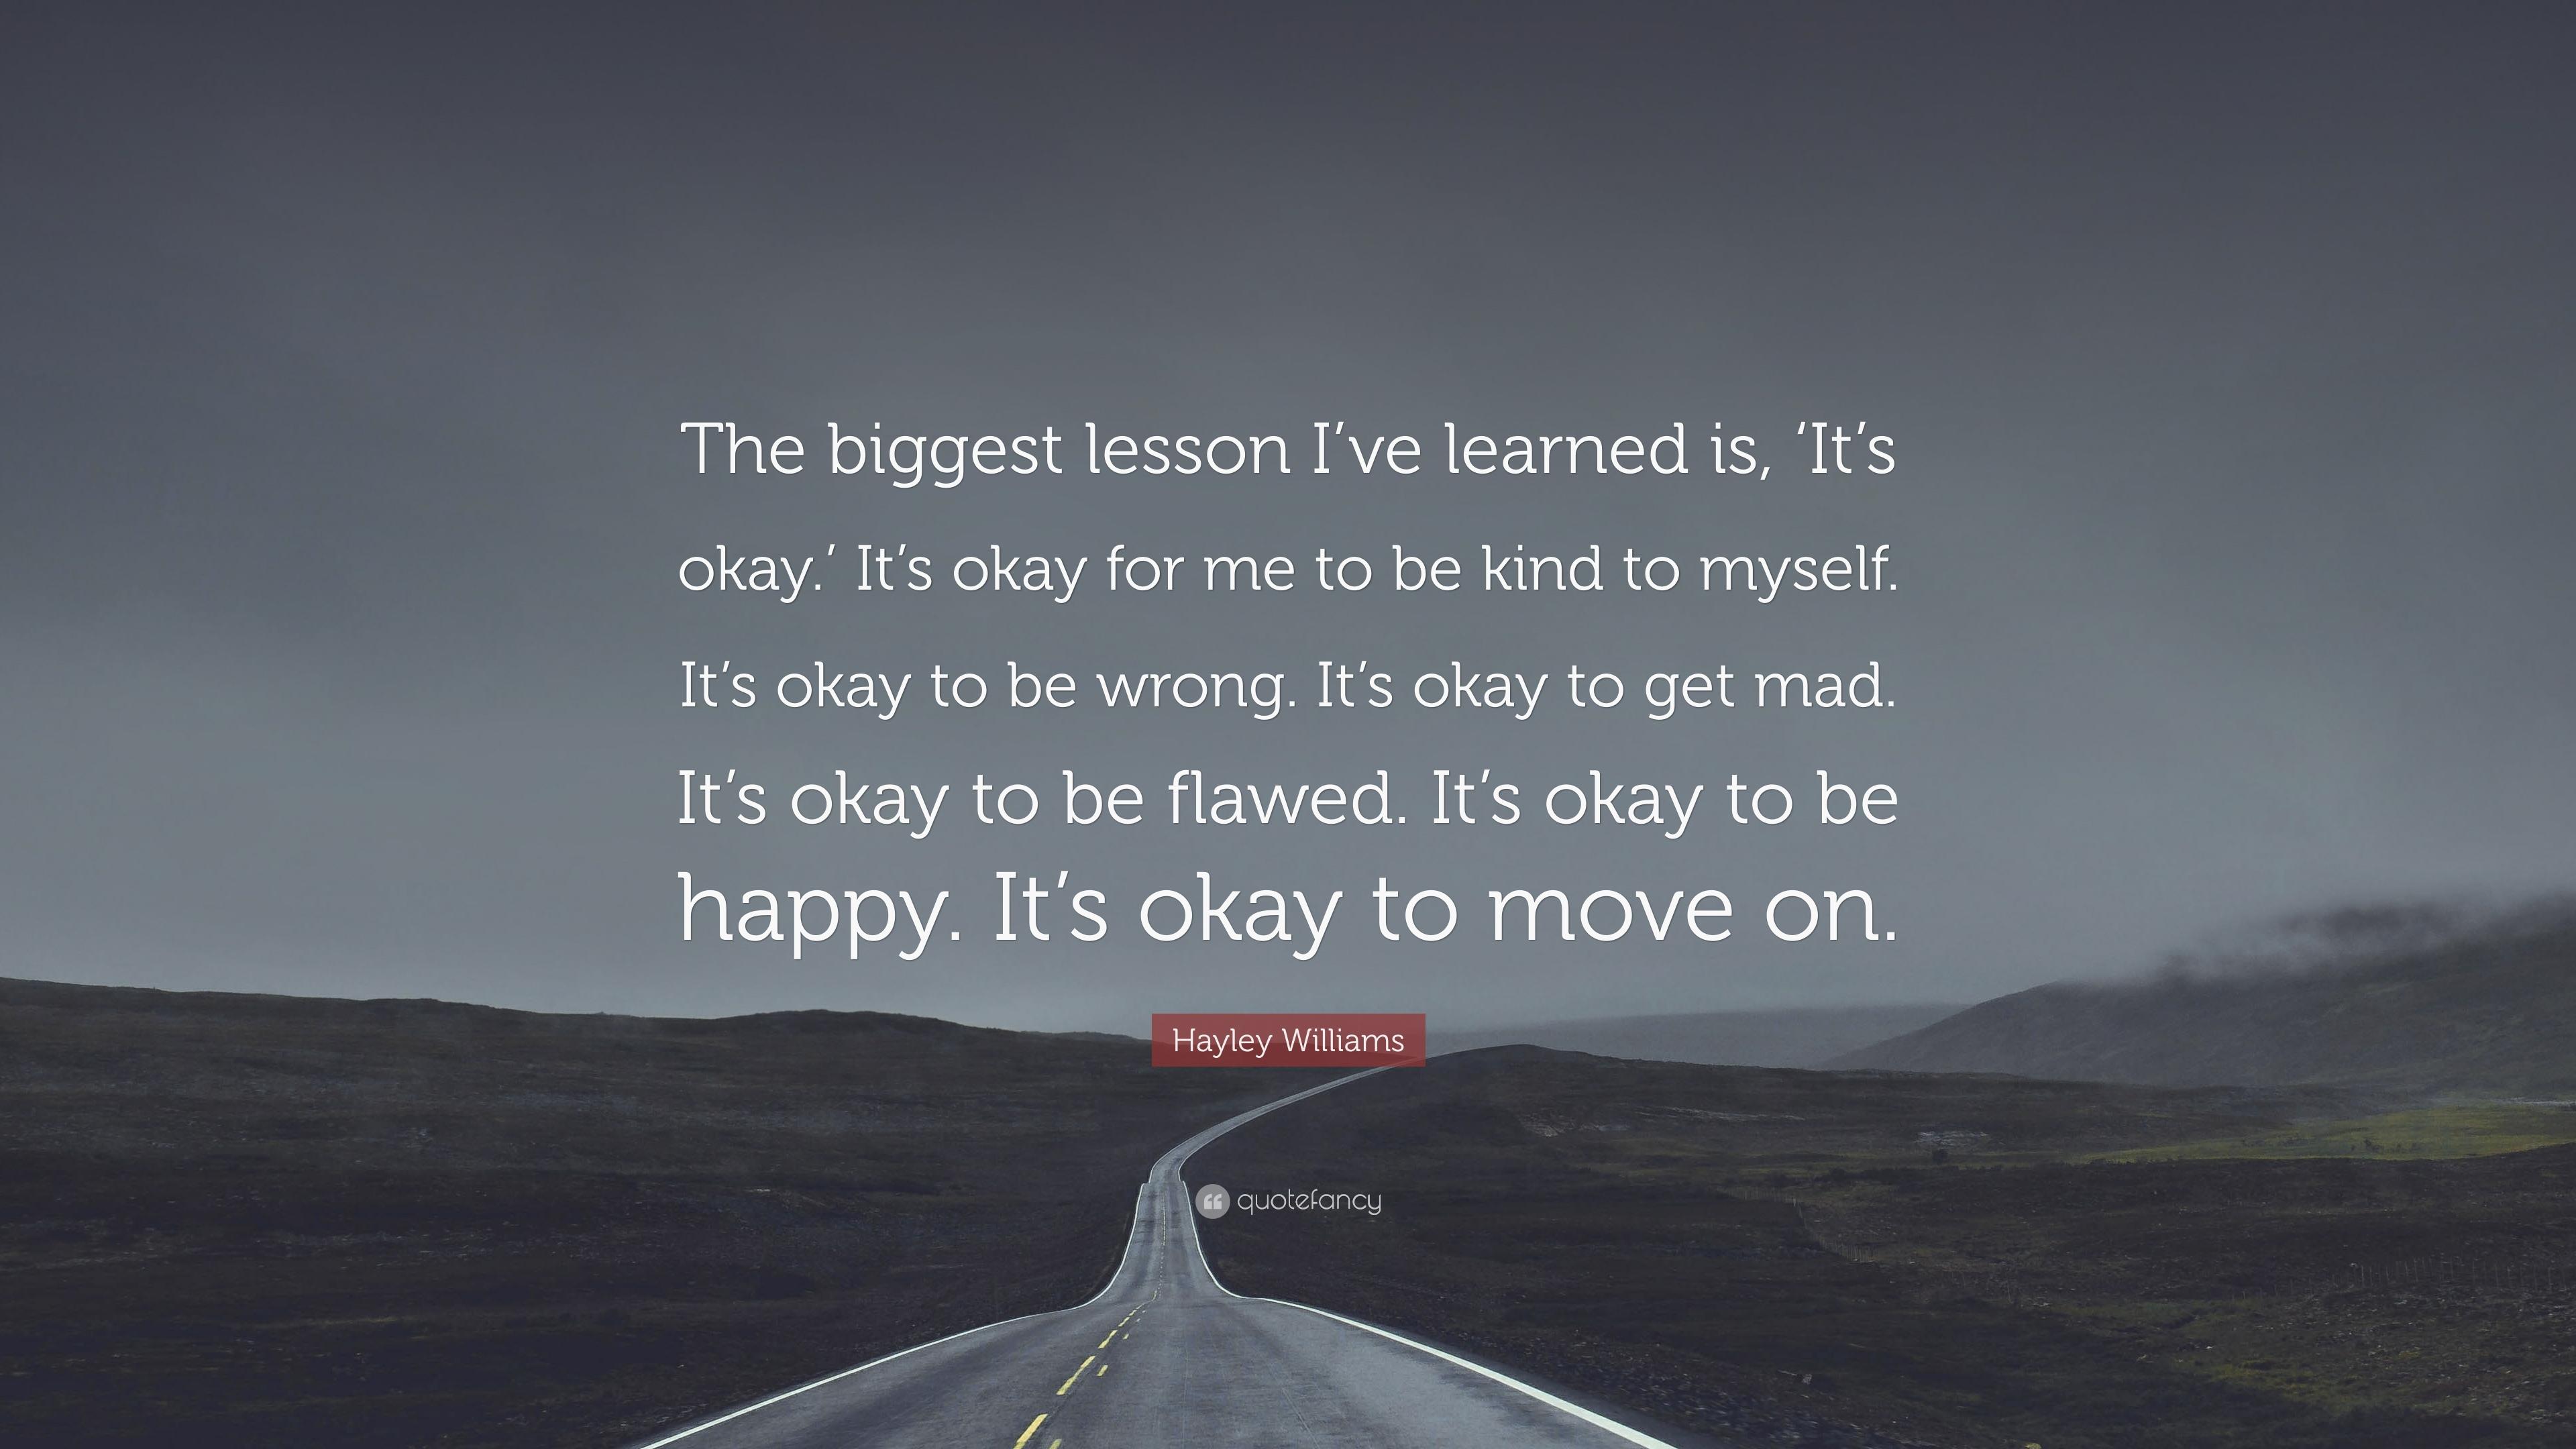 Het is oké